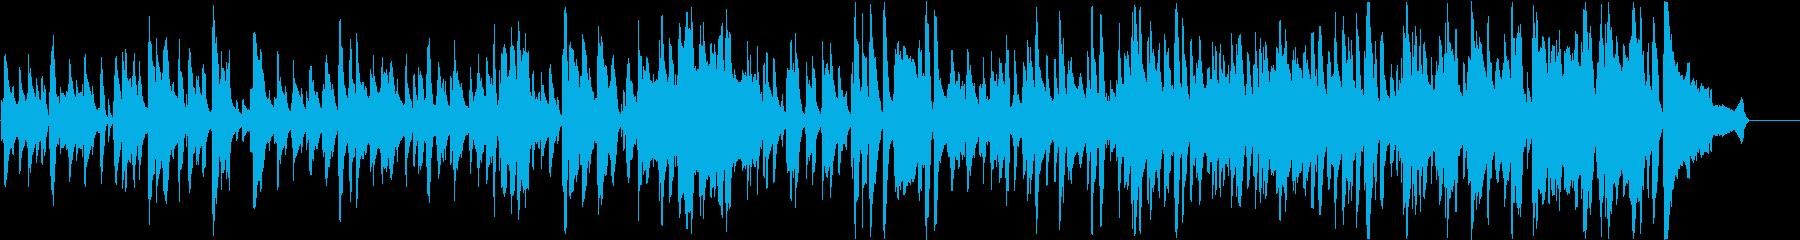 落ち着いた雰囲気のスタンダードJazzの再生済みの波形